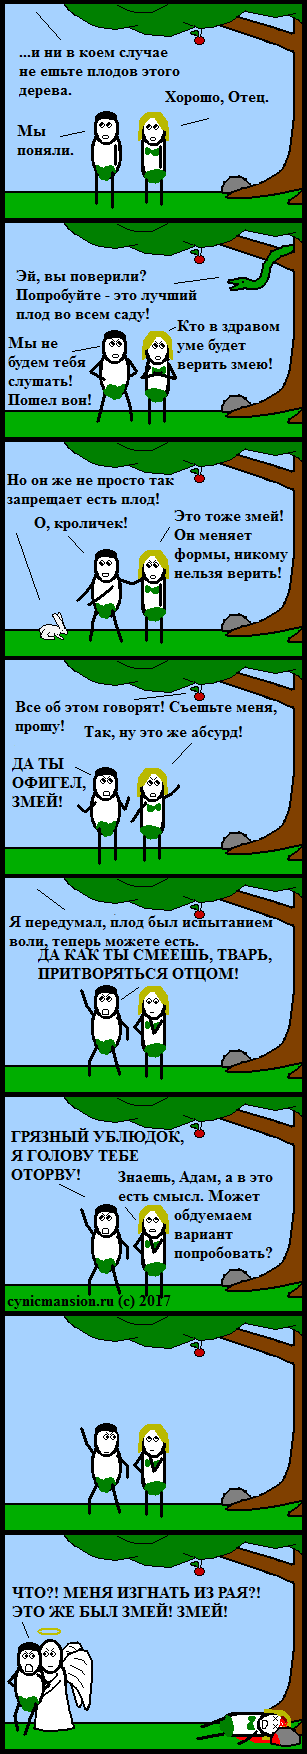 Змейское Cynicmansion, Комиксы, Эдем, Адам и Ева, Яблоко Эдема, Длиннопост